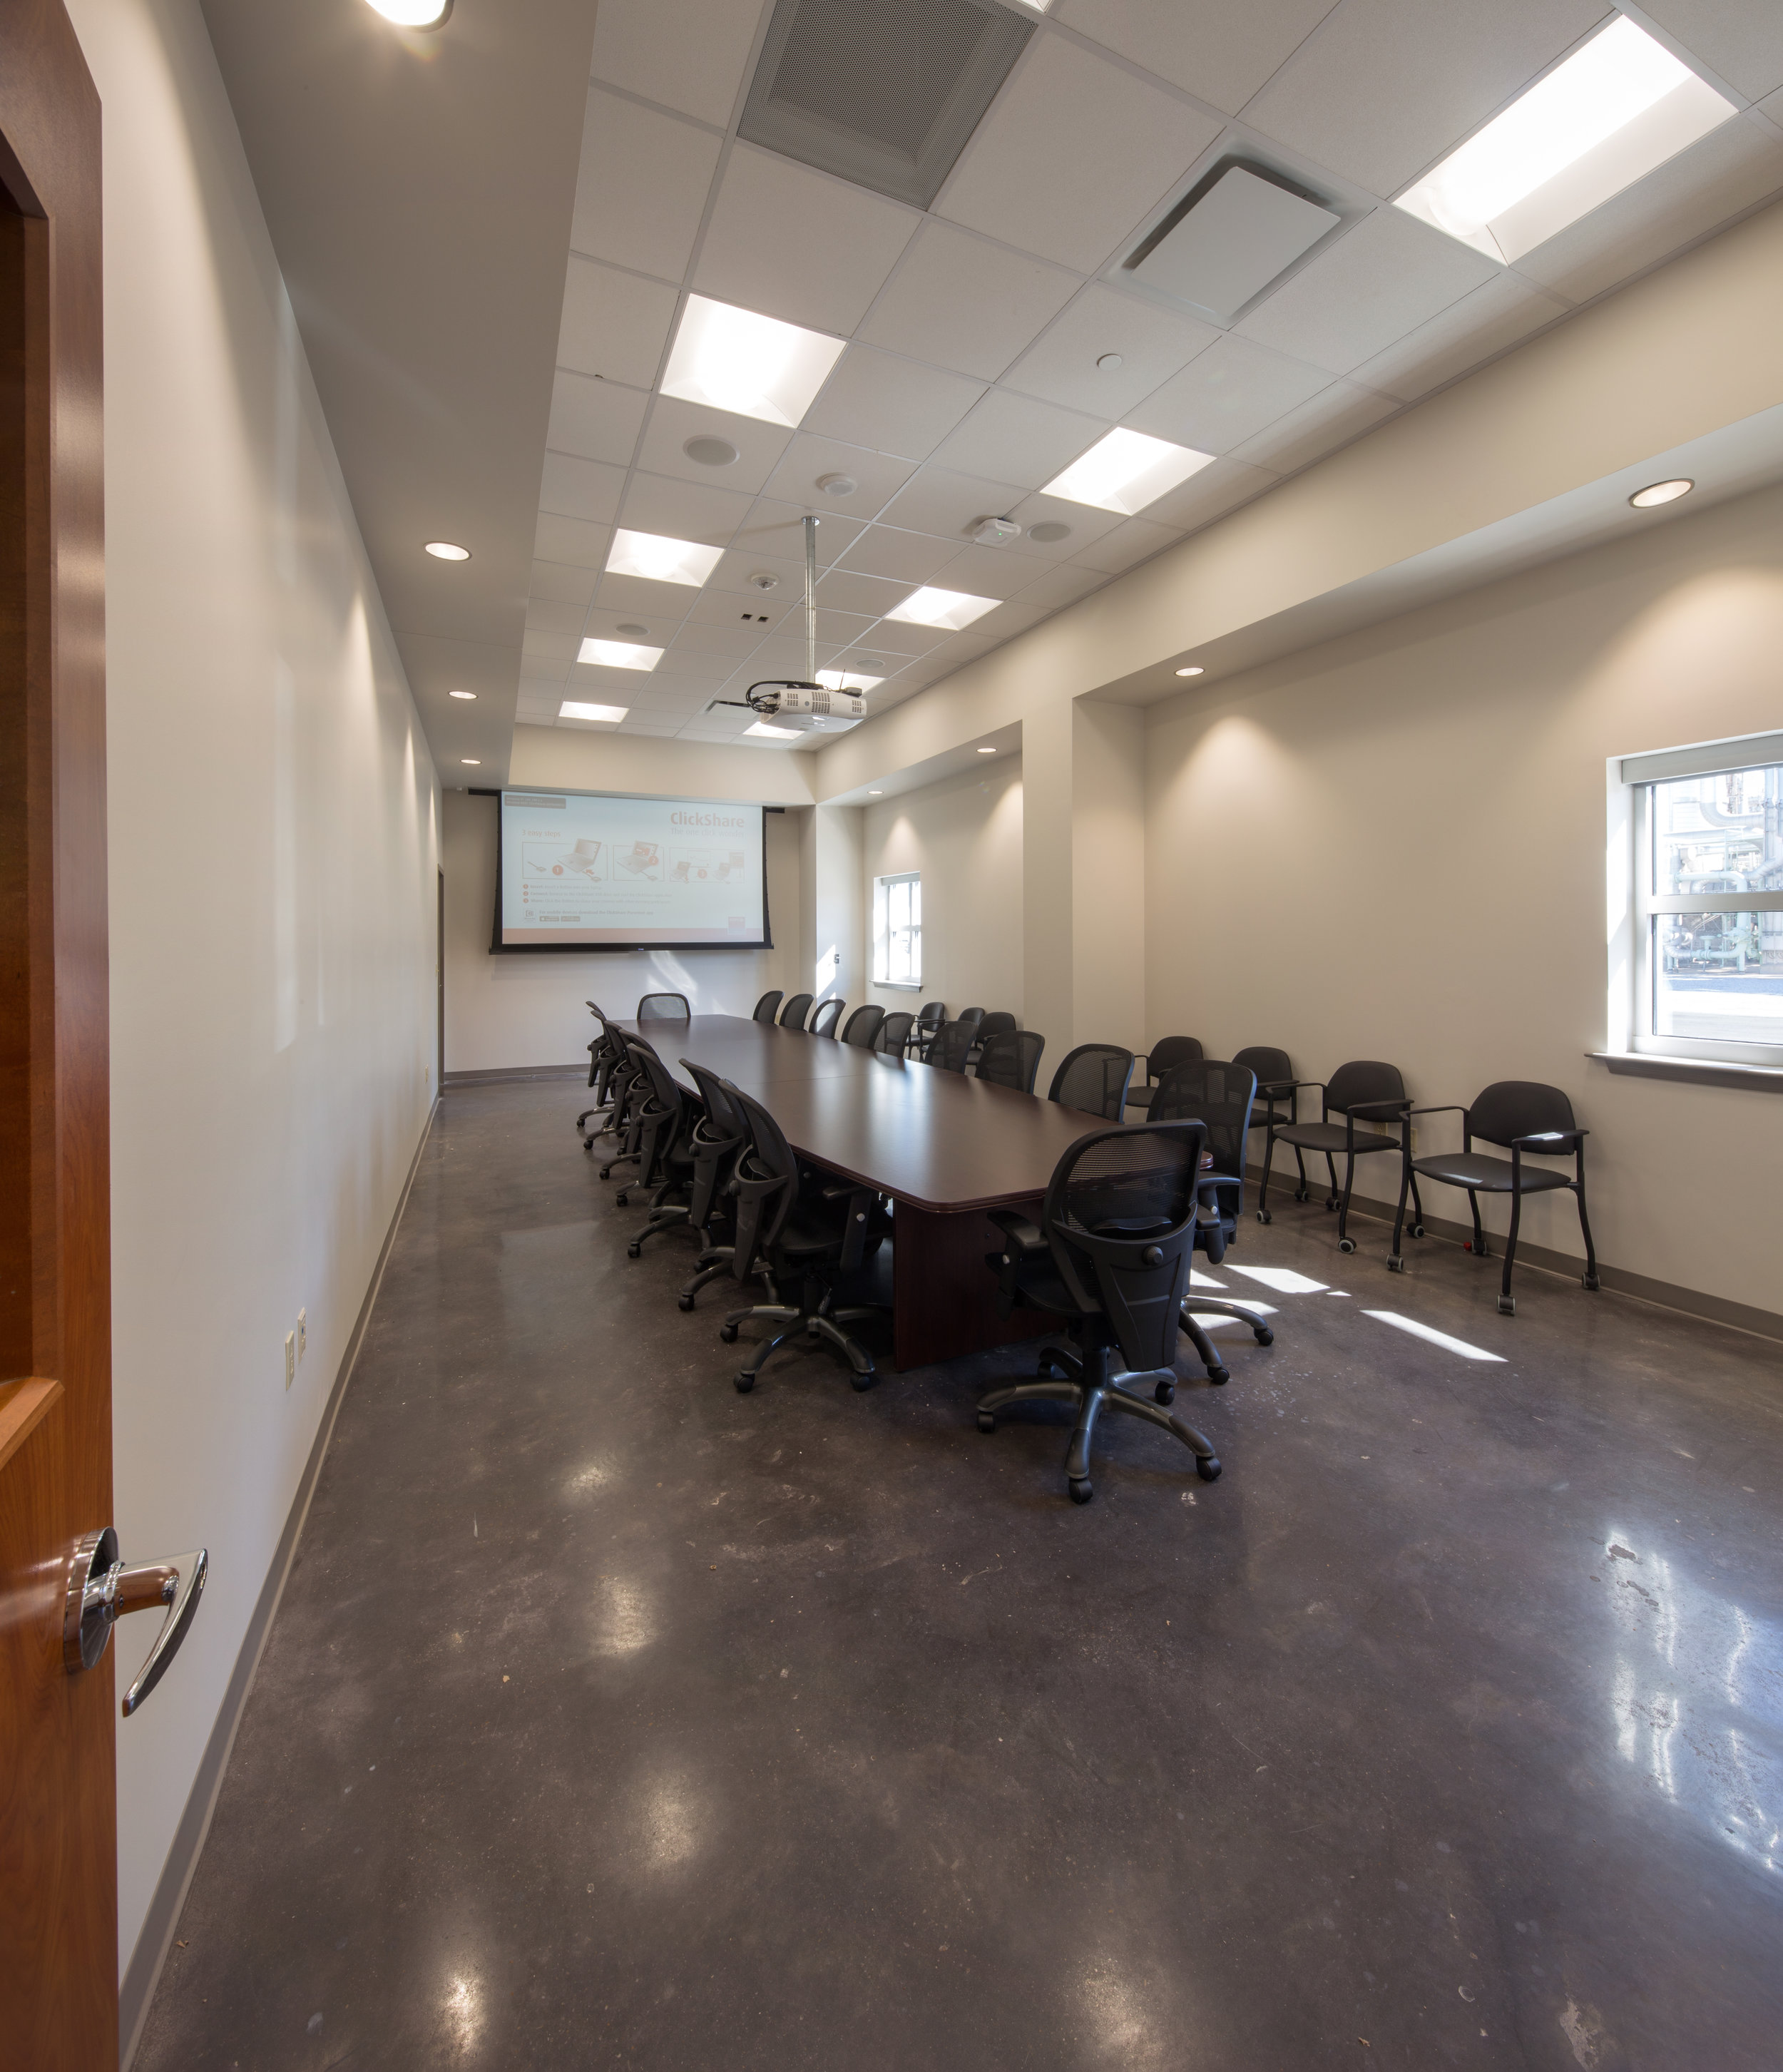 Meeting-Room-1-_Merge.jpg